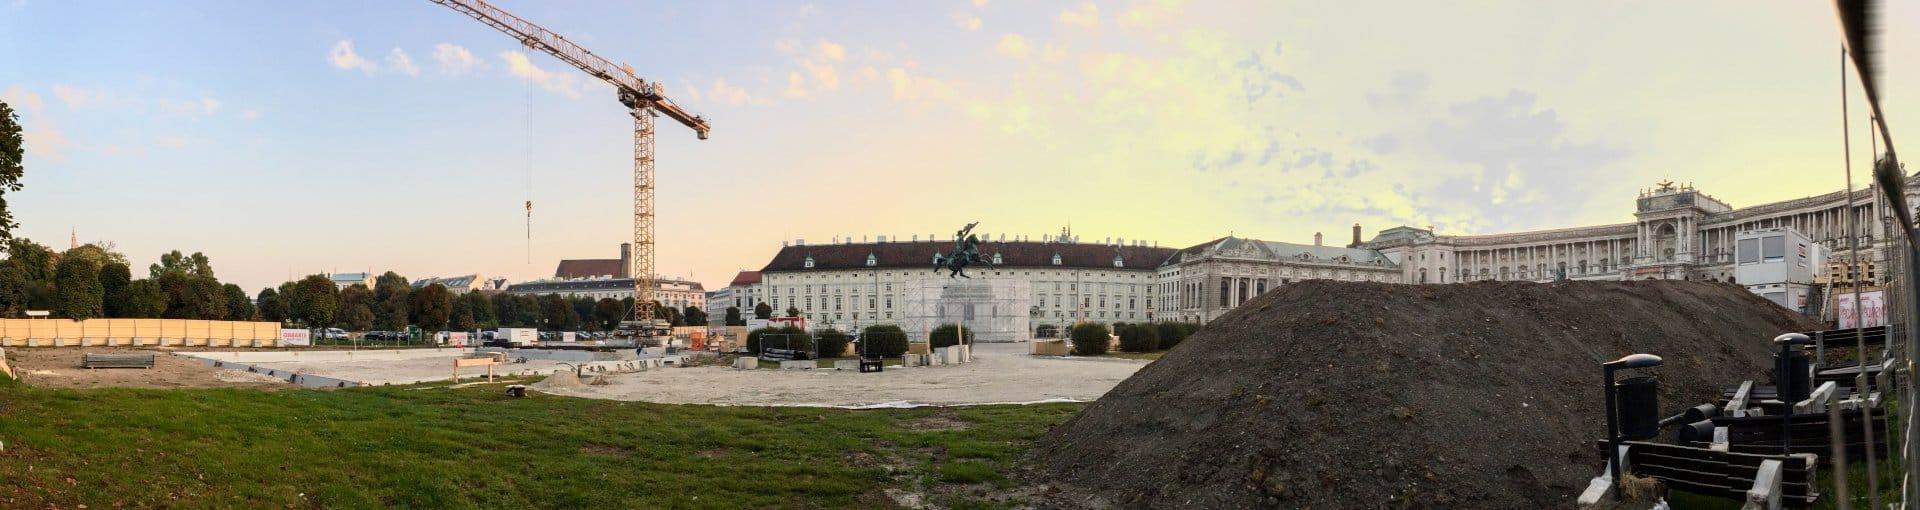 2016 09 27 heldenplatz